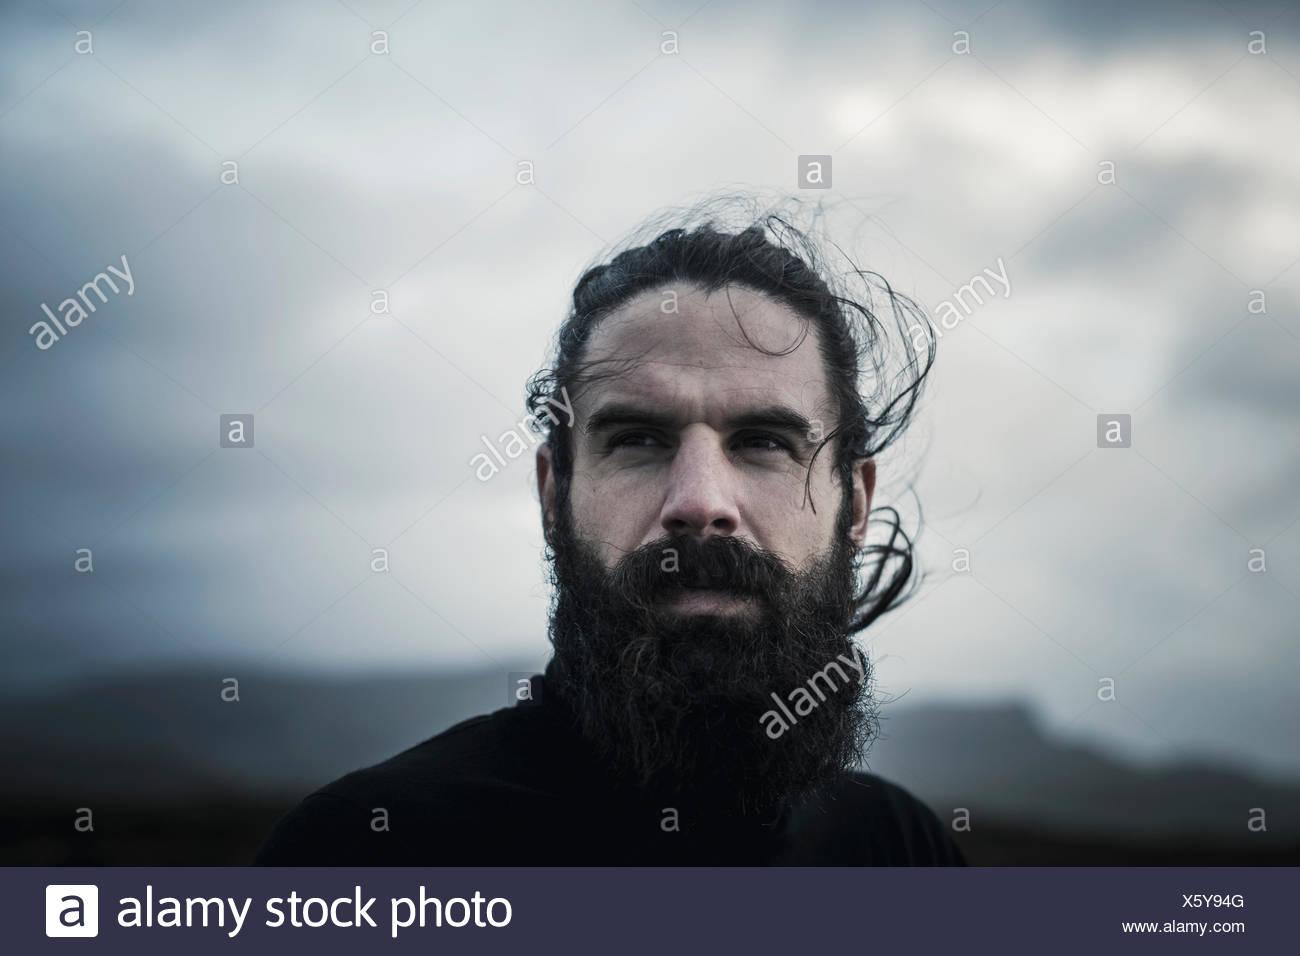 Un uomo con i capelli neri un pieno di barba e baffi. Immagini Stock